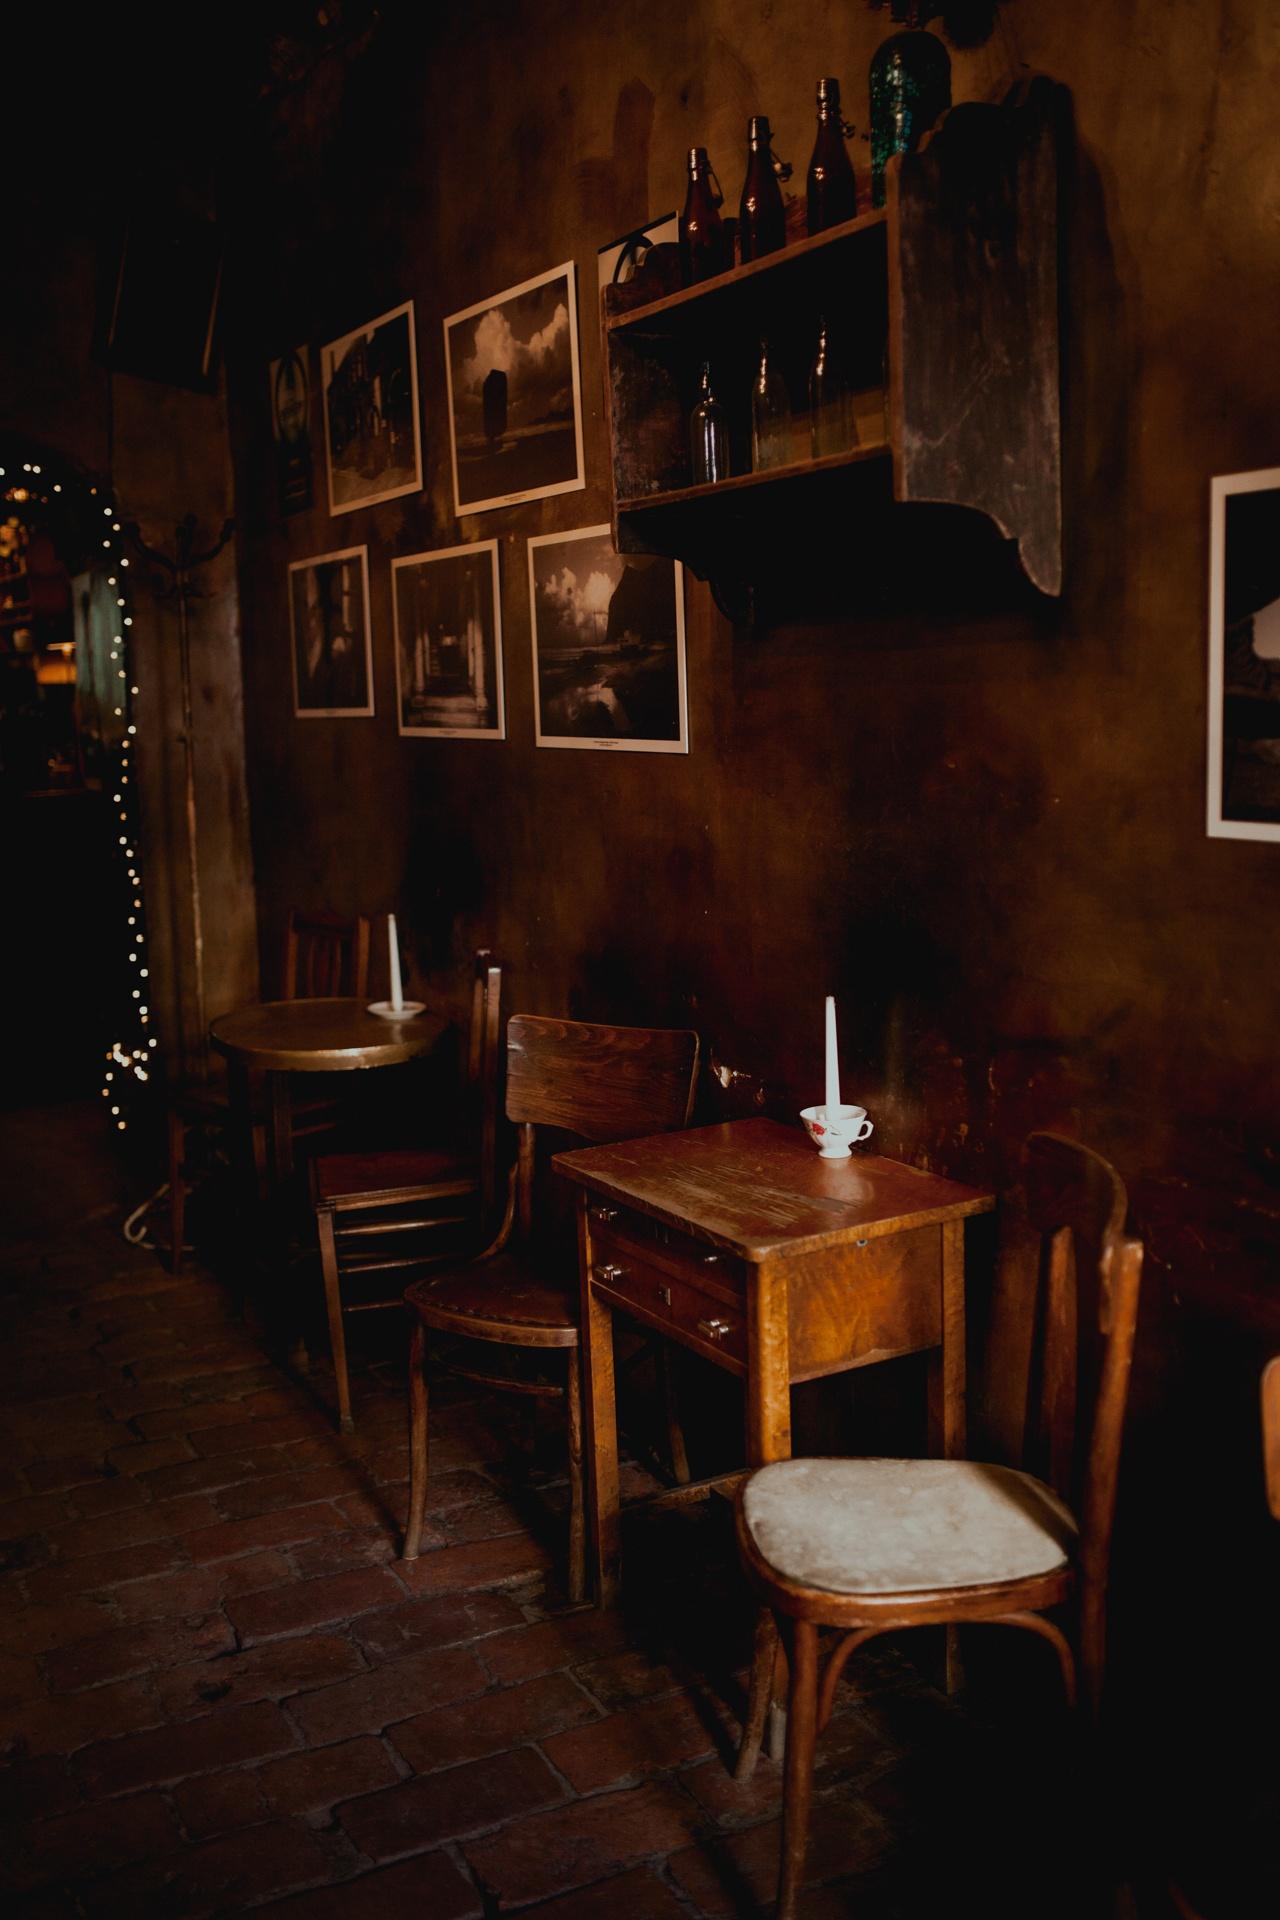 Lokale - kawiarnie, restauracje na Kazimierzu w Krakowie